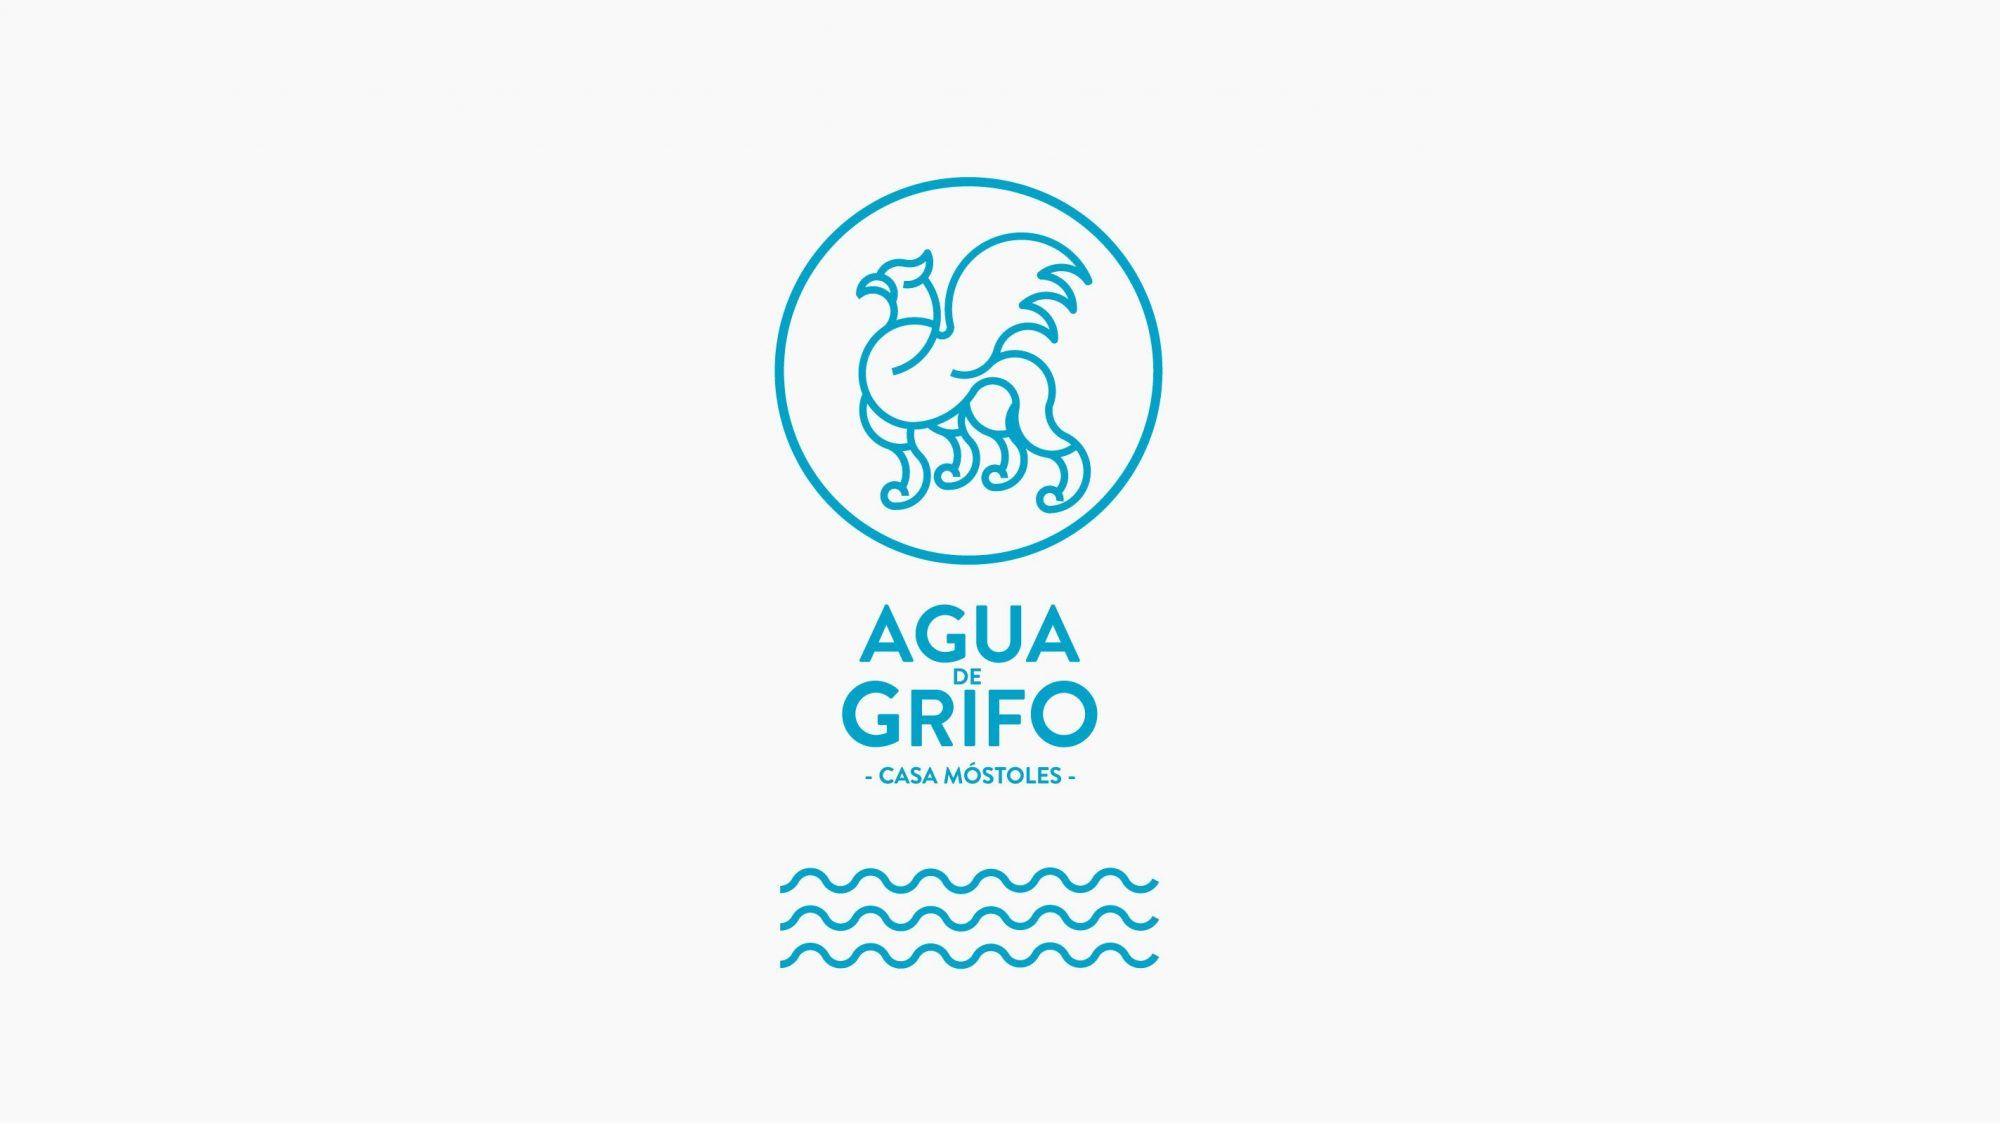 diseño etiqueta botella agua de grifo